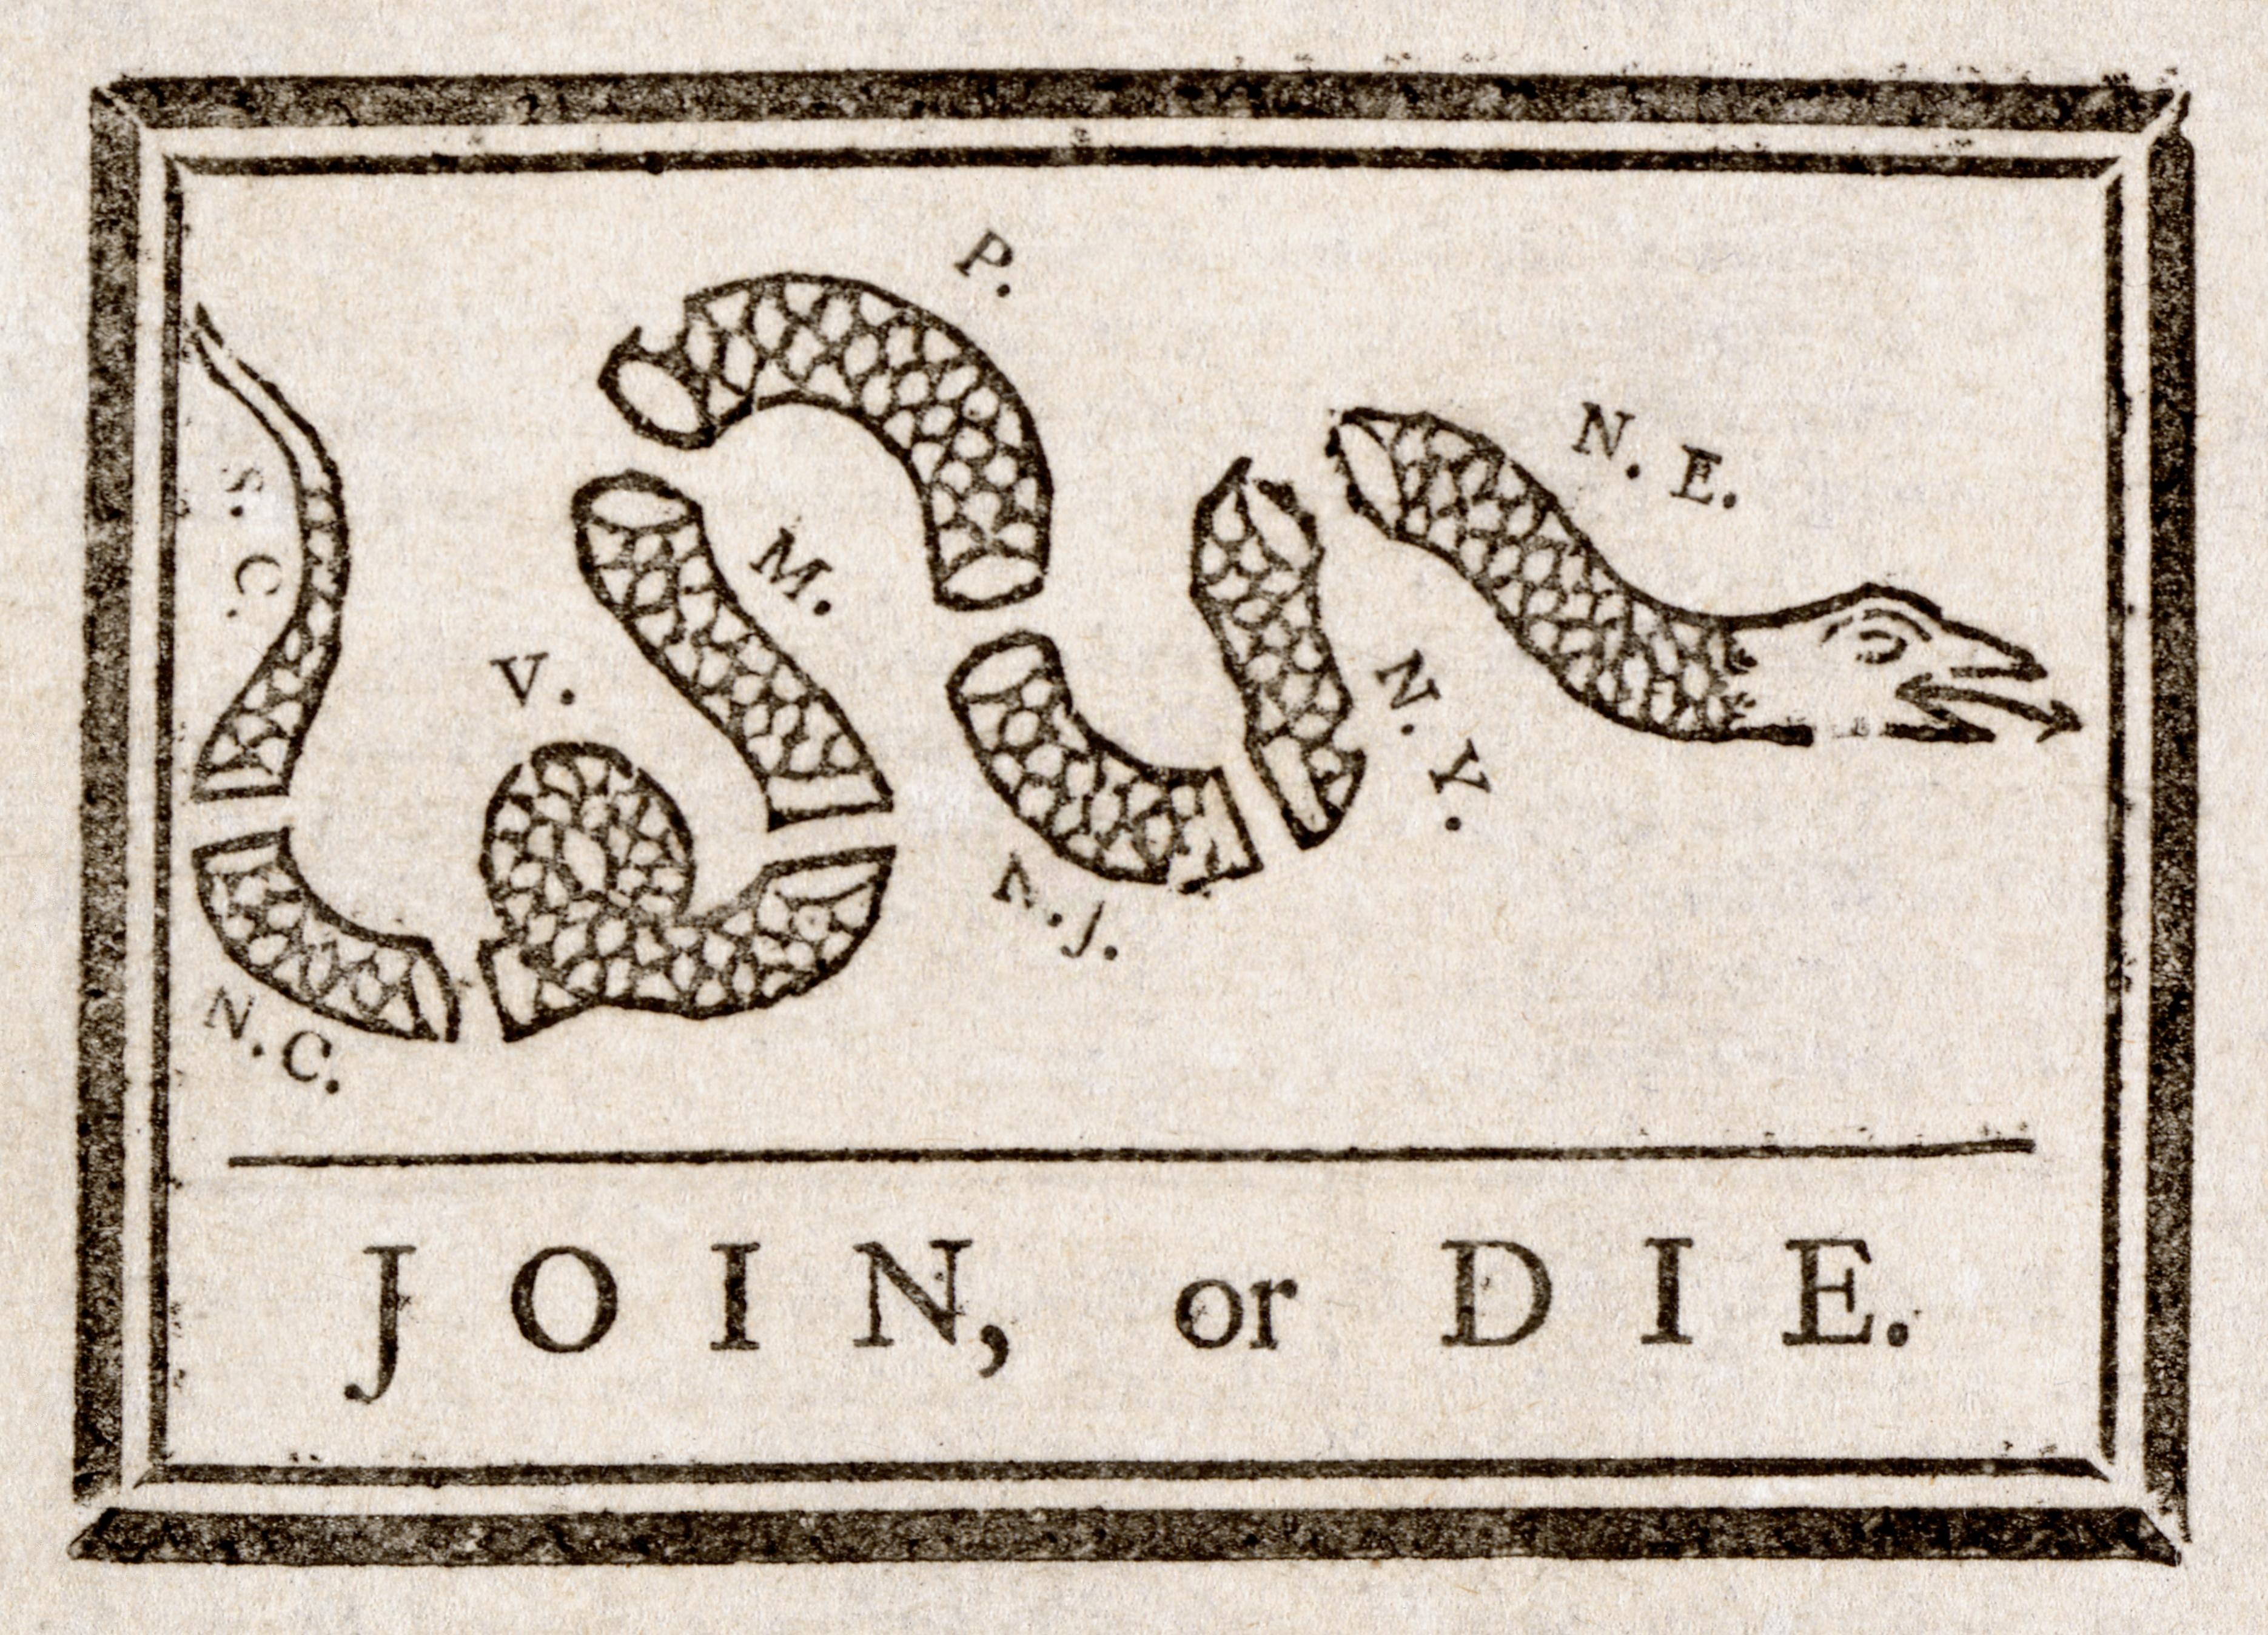 Join, or Die.